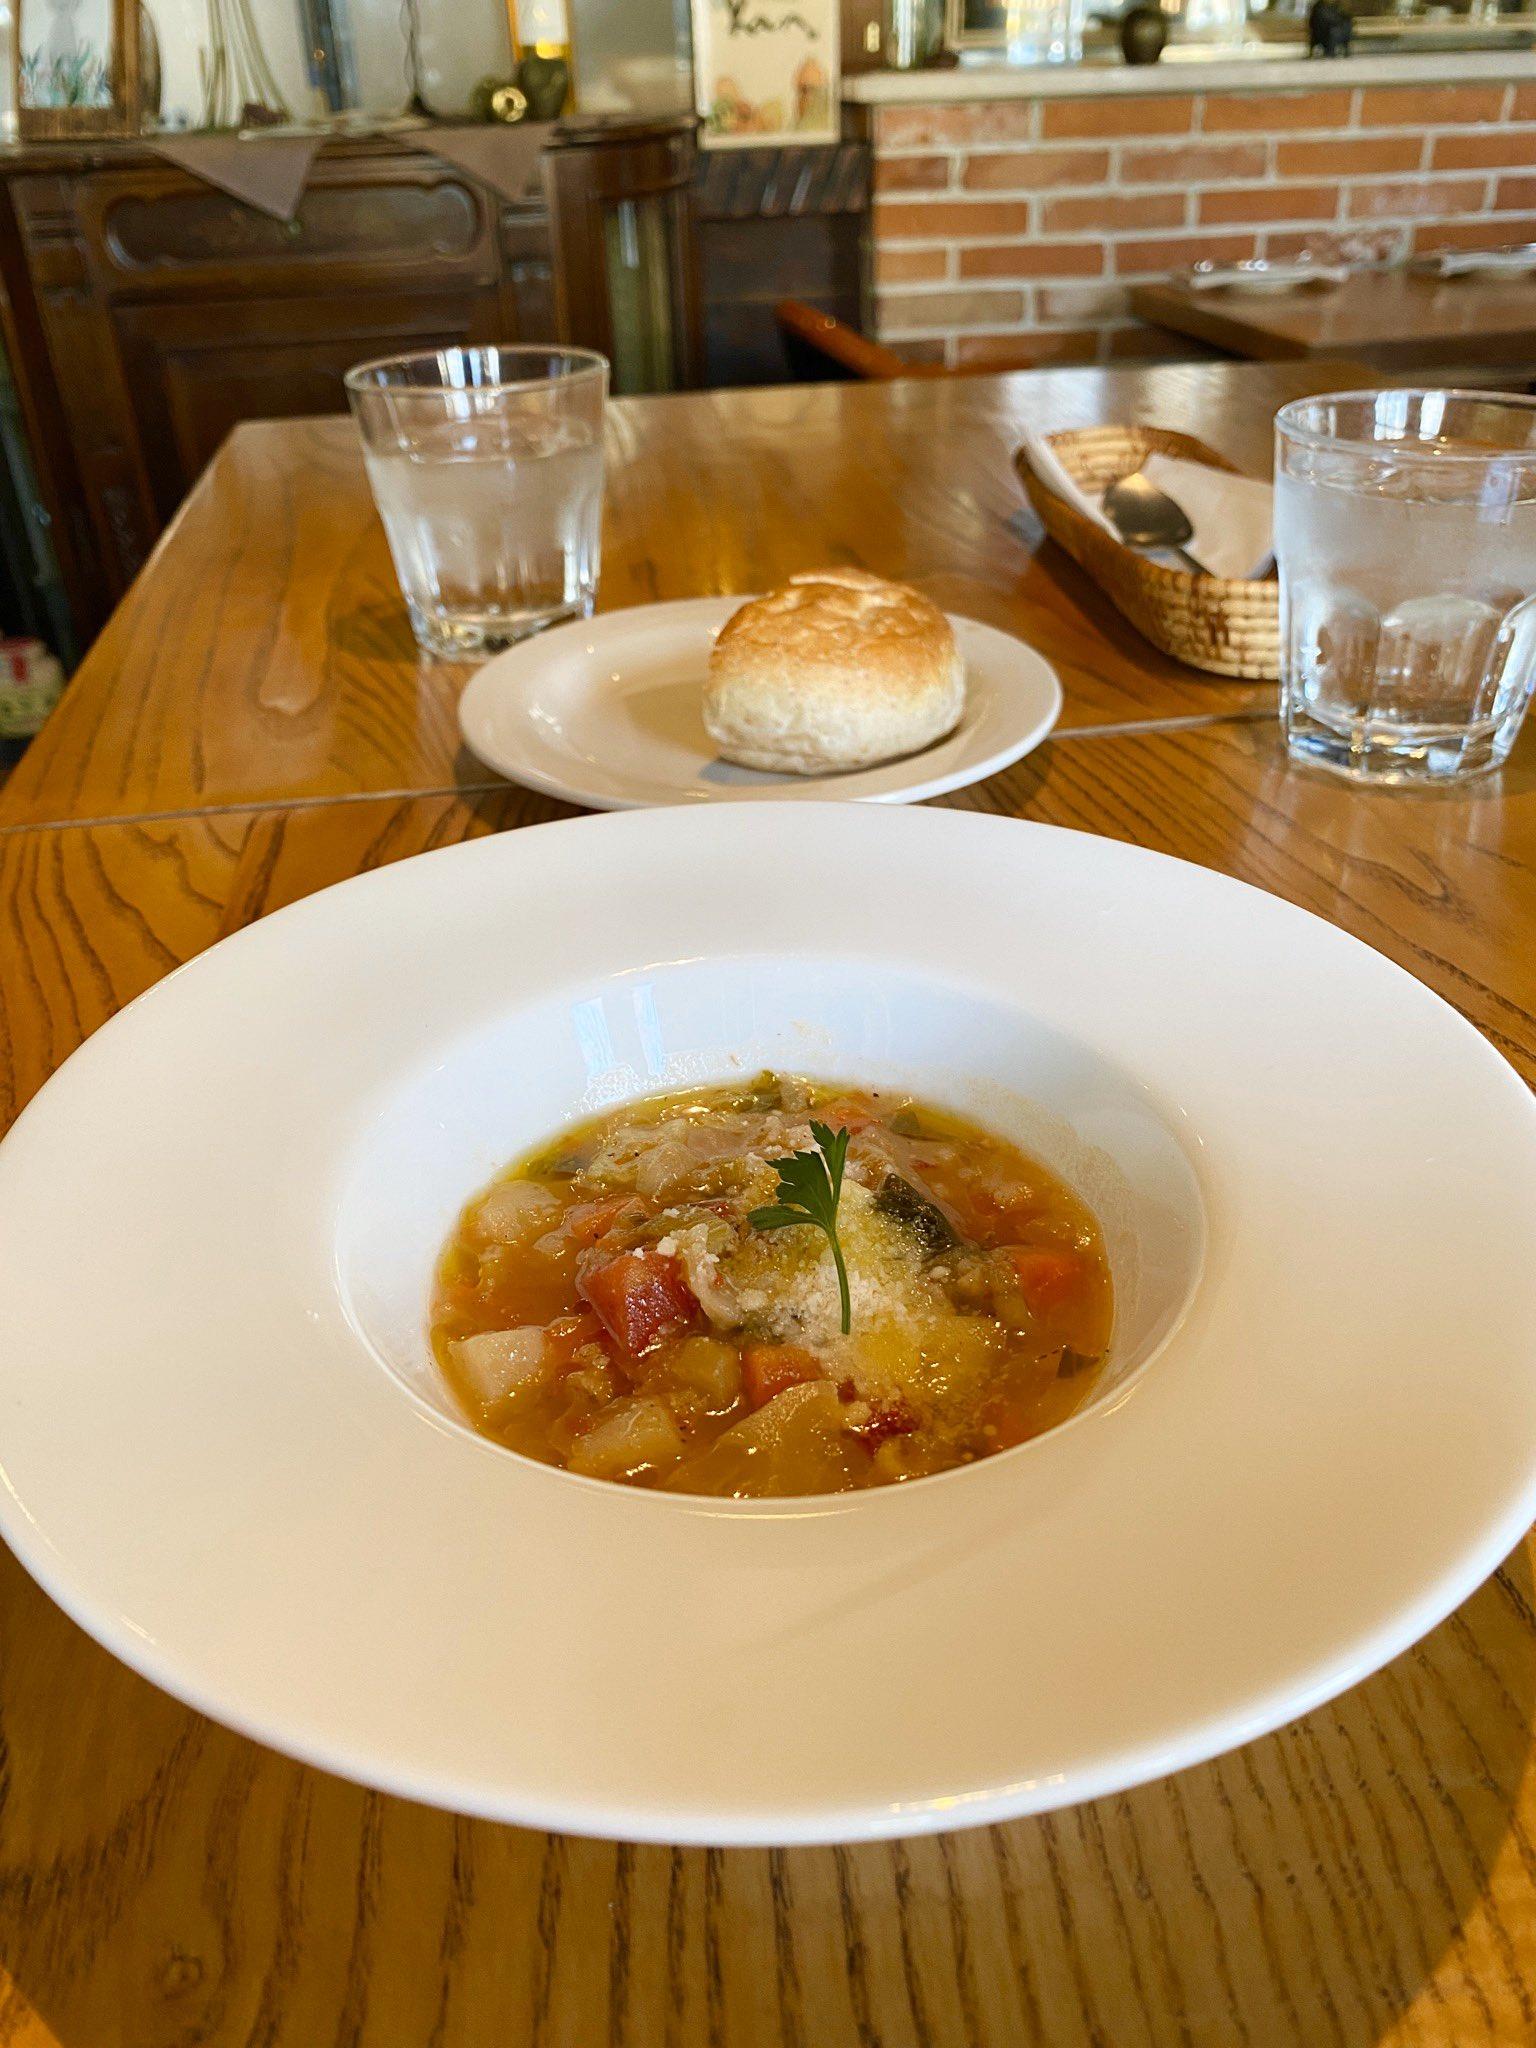 スープ お皿 でかい (゚д゚)ウマー https://t.co/An1H6EamUy